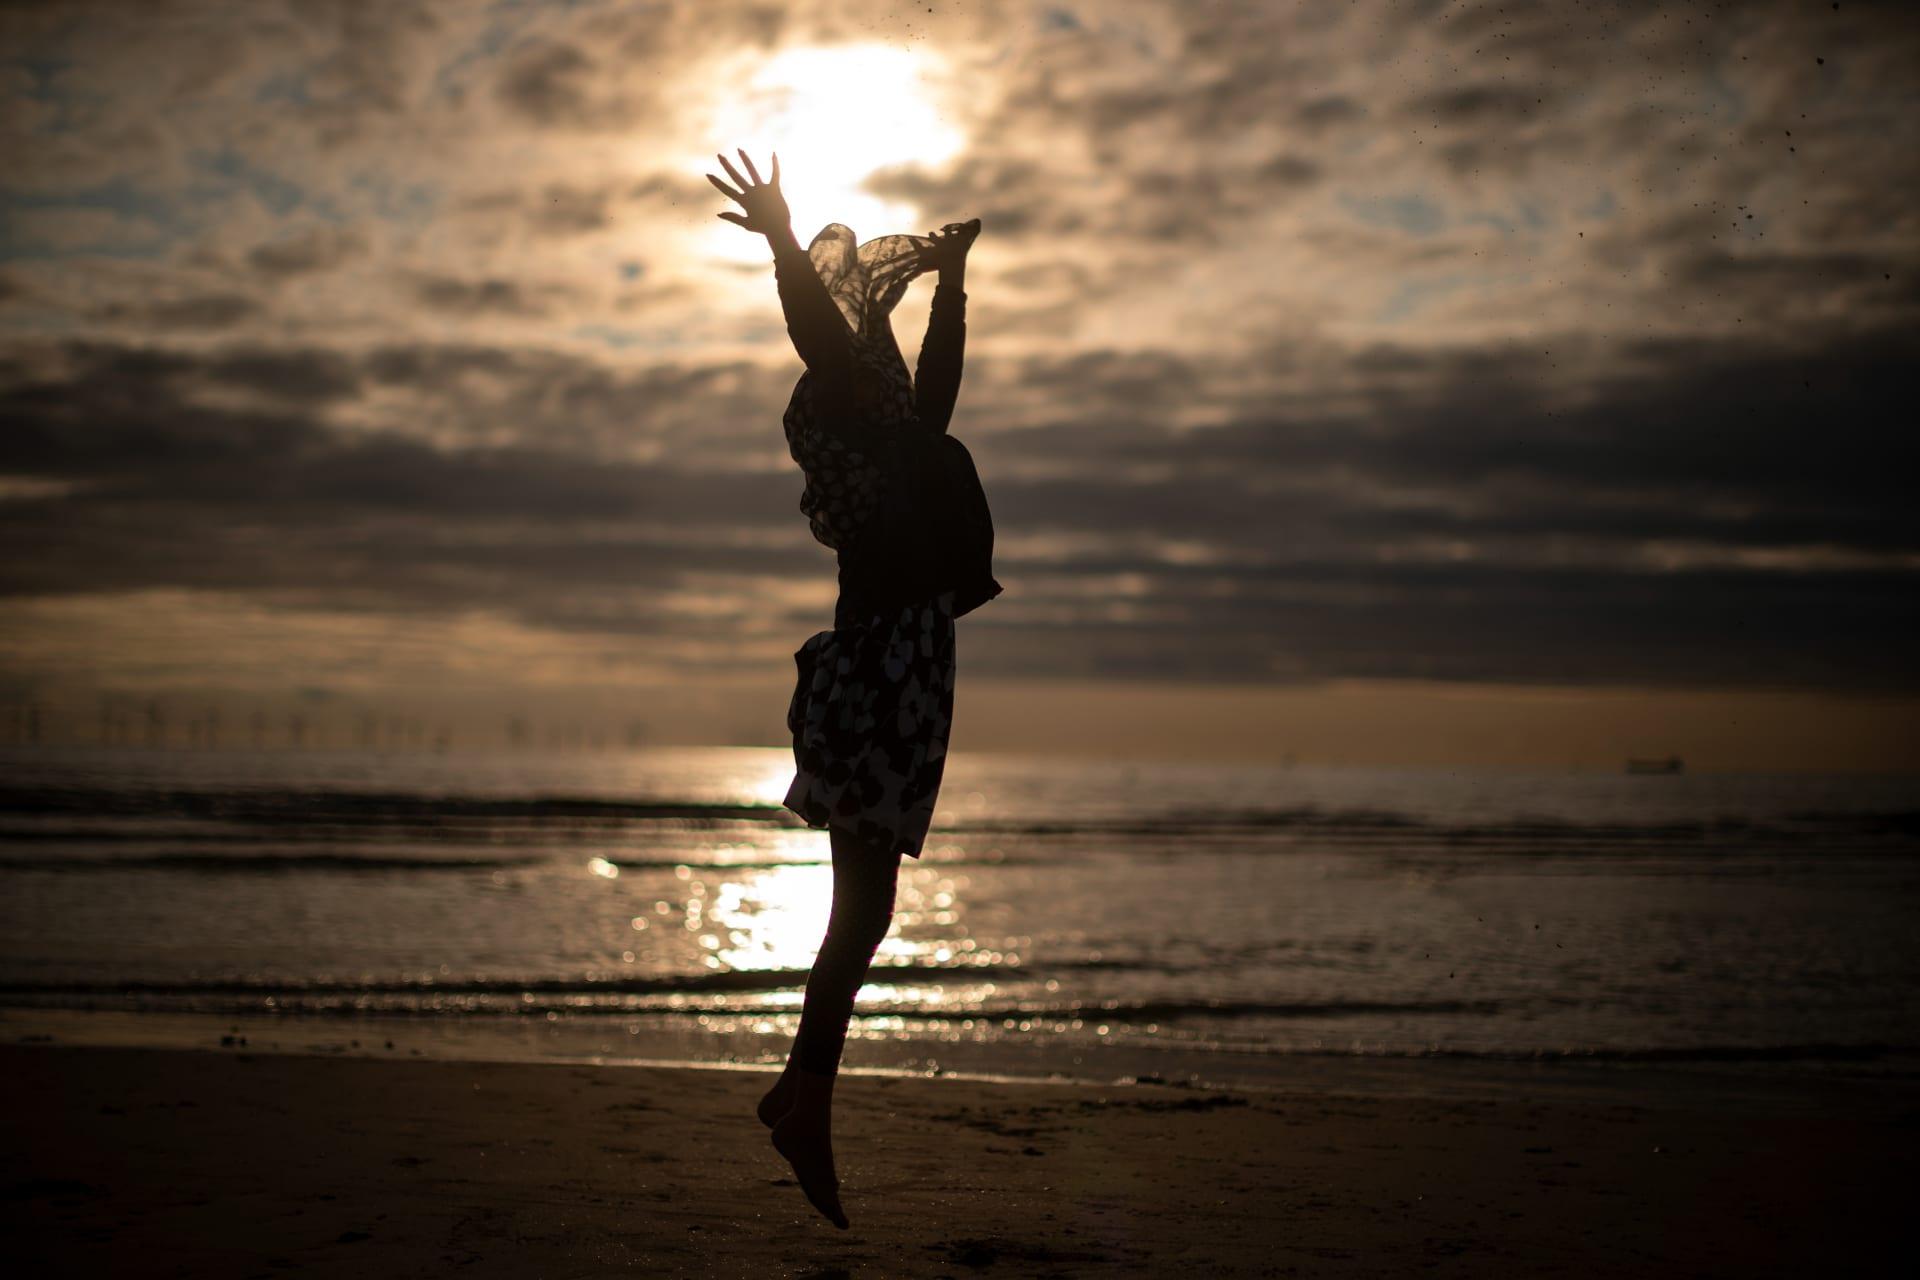 لماذا يمكن أن تؤدي النهايات السعيدة إلى قرارات سيئة؟ دراسة تُوضح